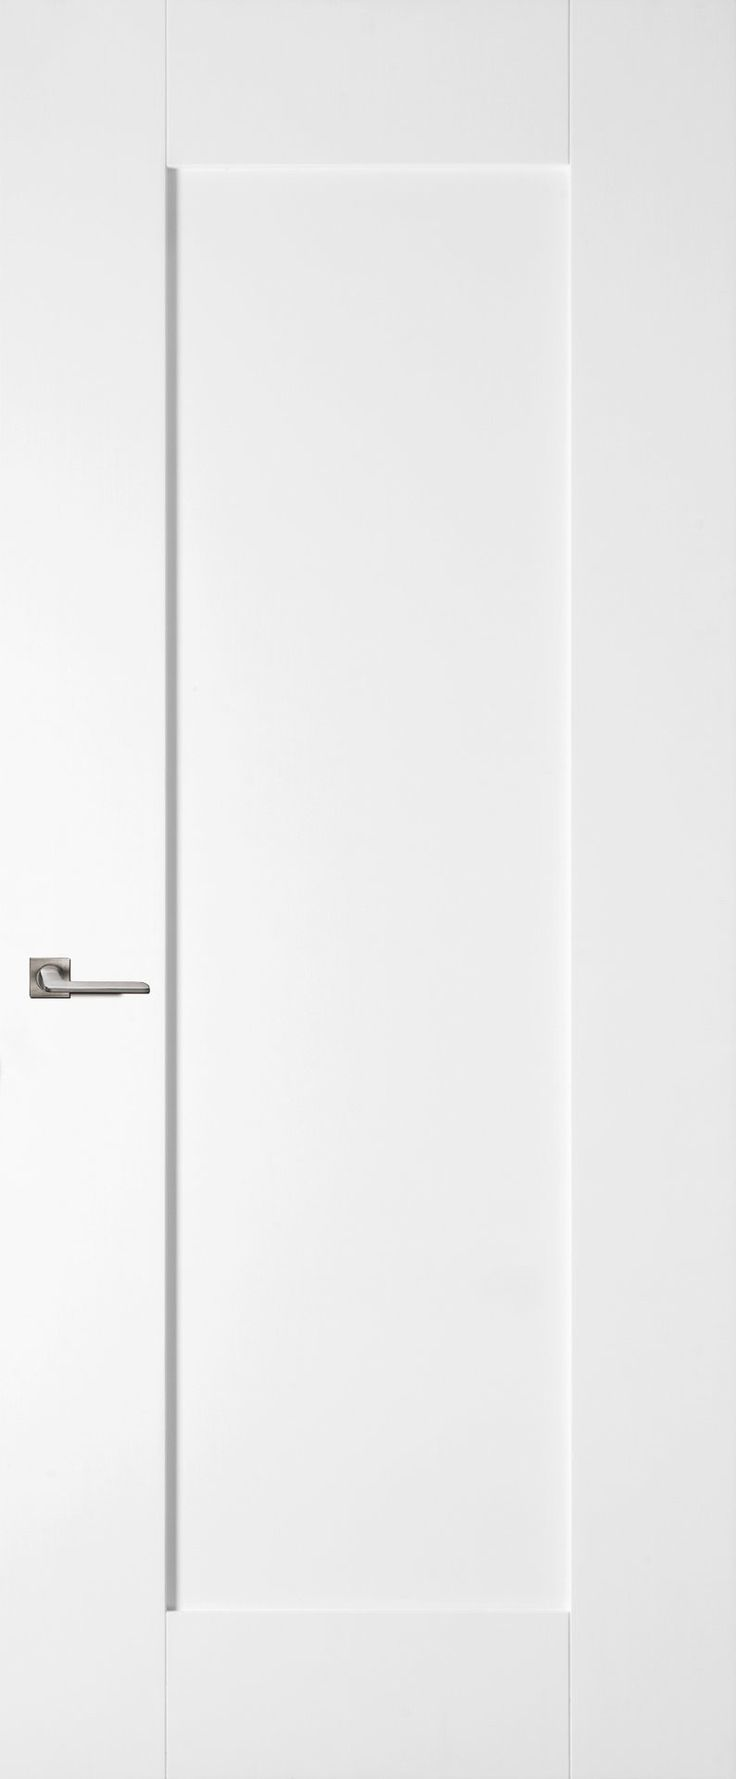 SKS 3461 - Cube X binnendeuren :: Skantrae deuren